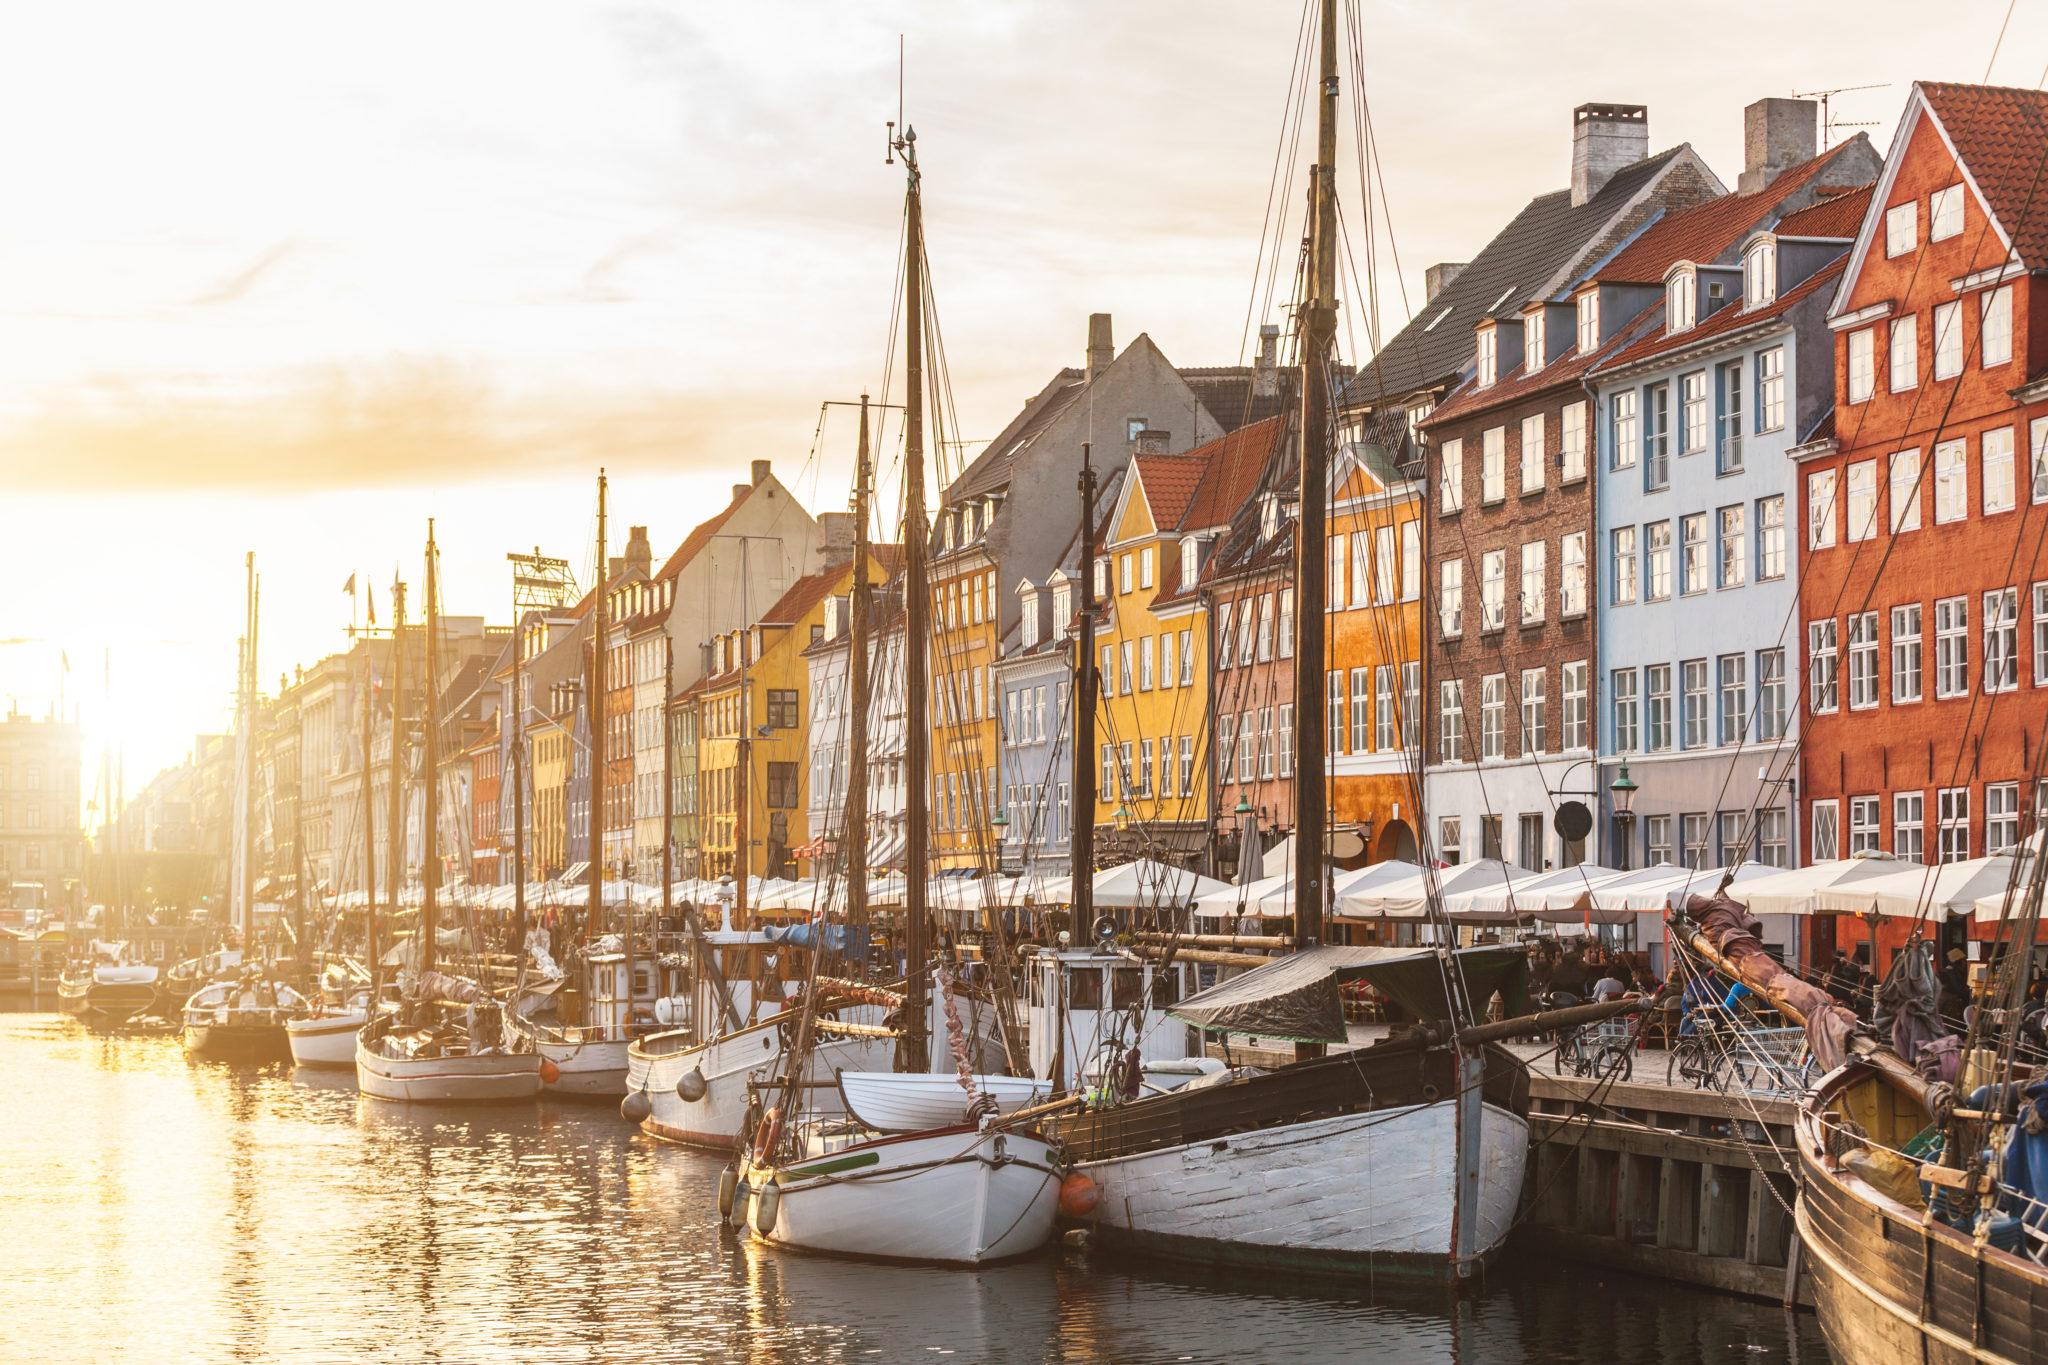 Kopenhagen bei Sonnenuntergang